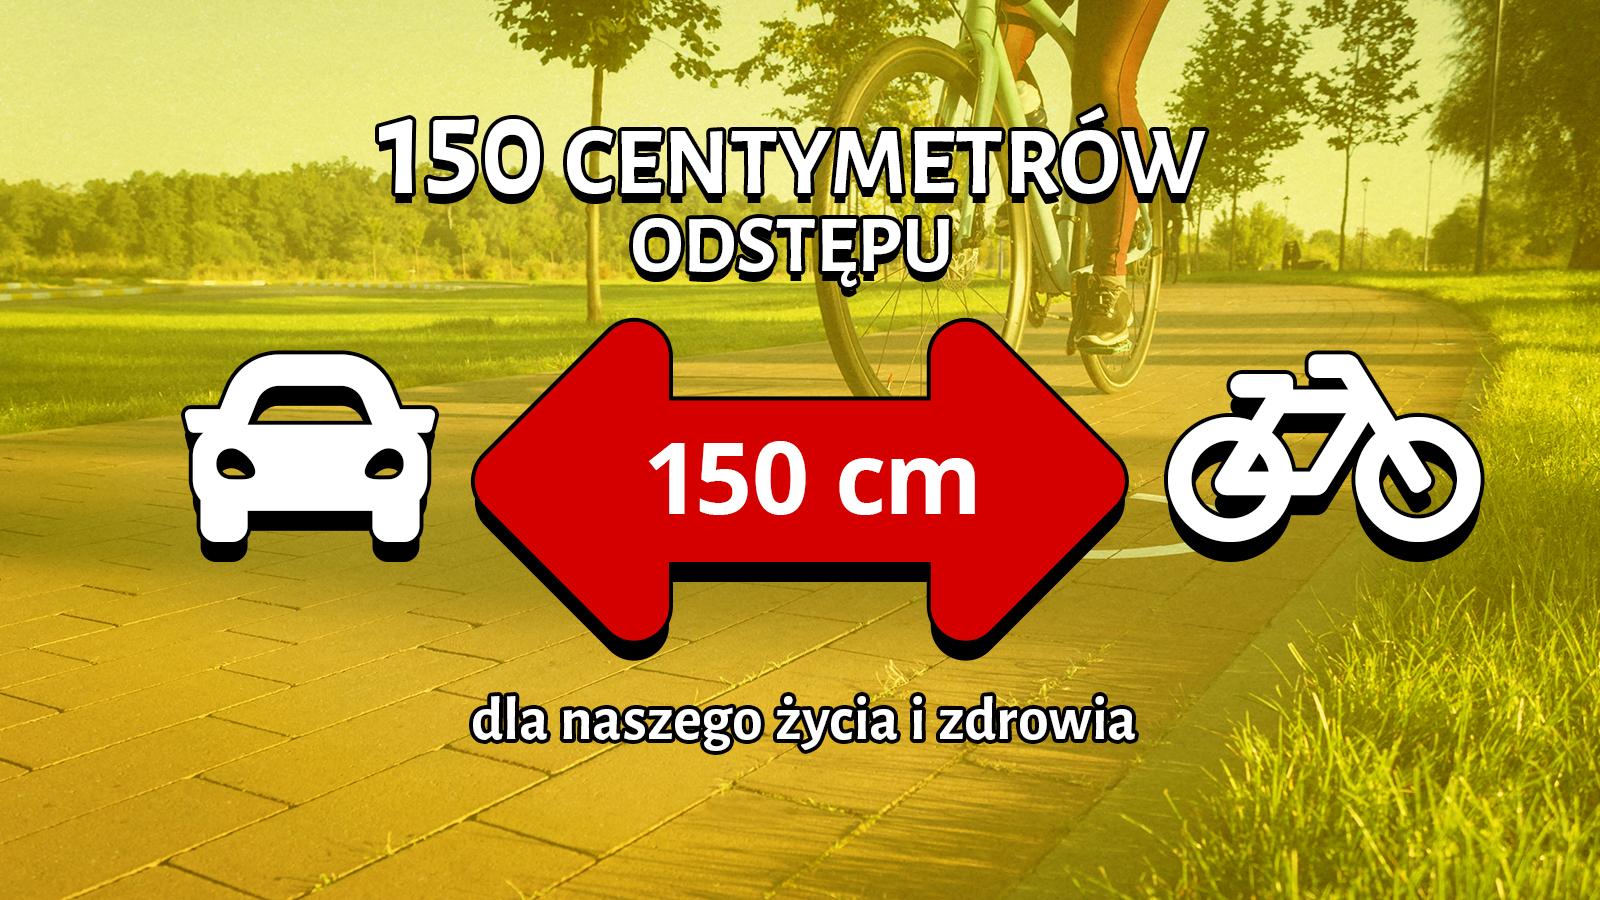 Bierzmy przykład z Czechów. 150 centymetrów odstępu - dla naszego życia i zdrowia